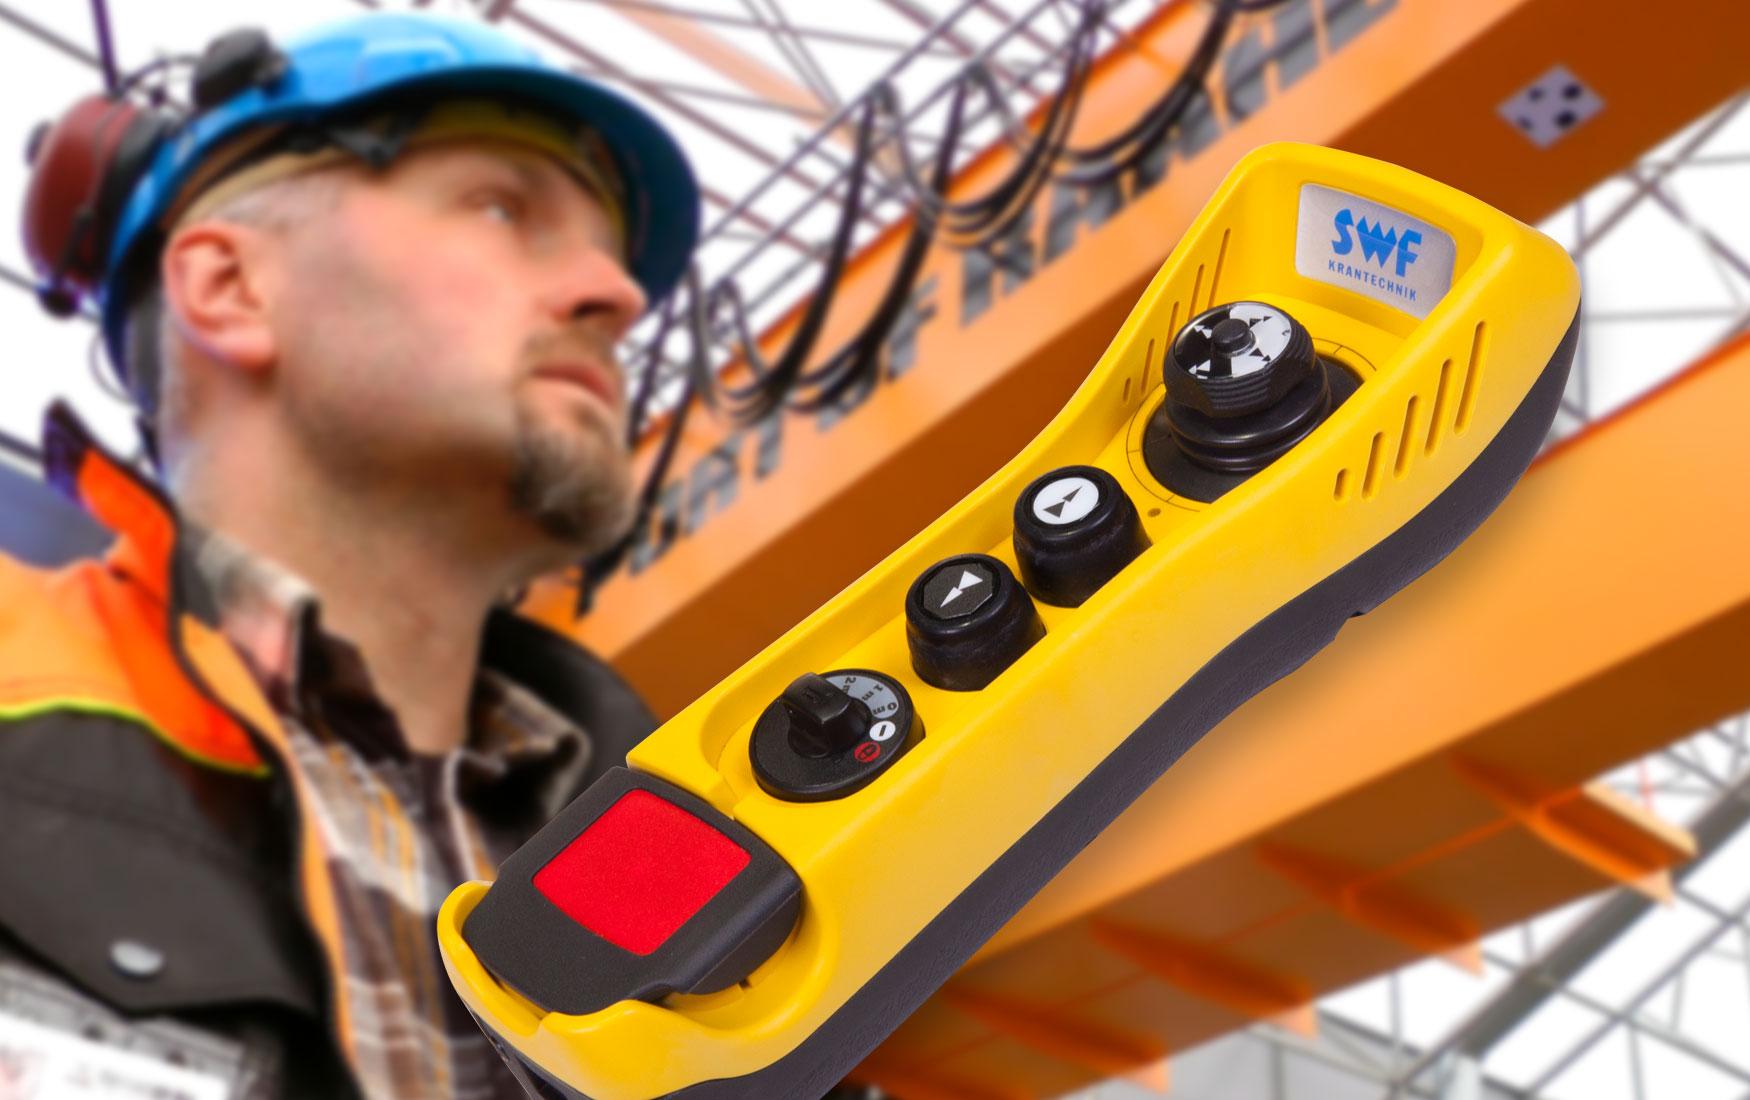 teollisuus-metalliteollisuus-teollisuuden-ohjaimet-radio-ohjaimet-satateras-siltanosturi_8